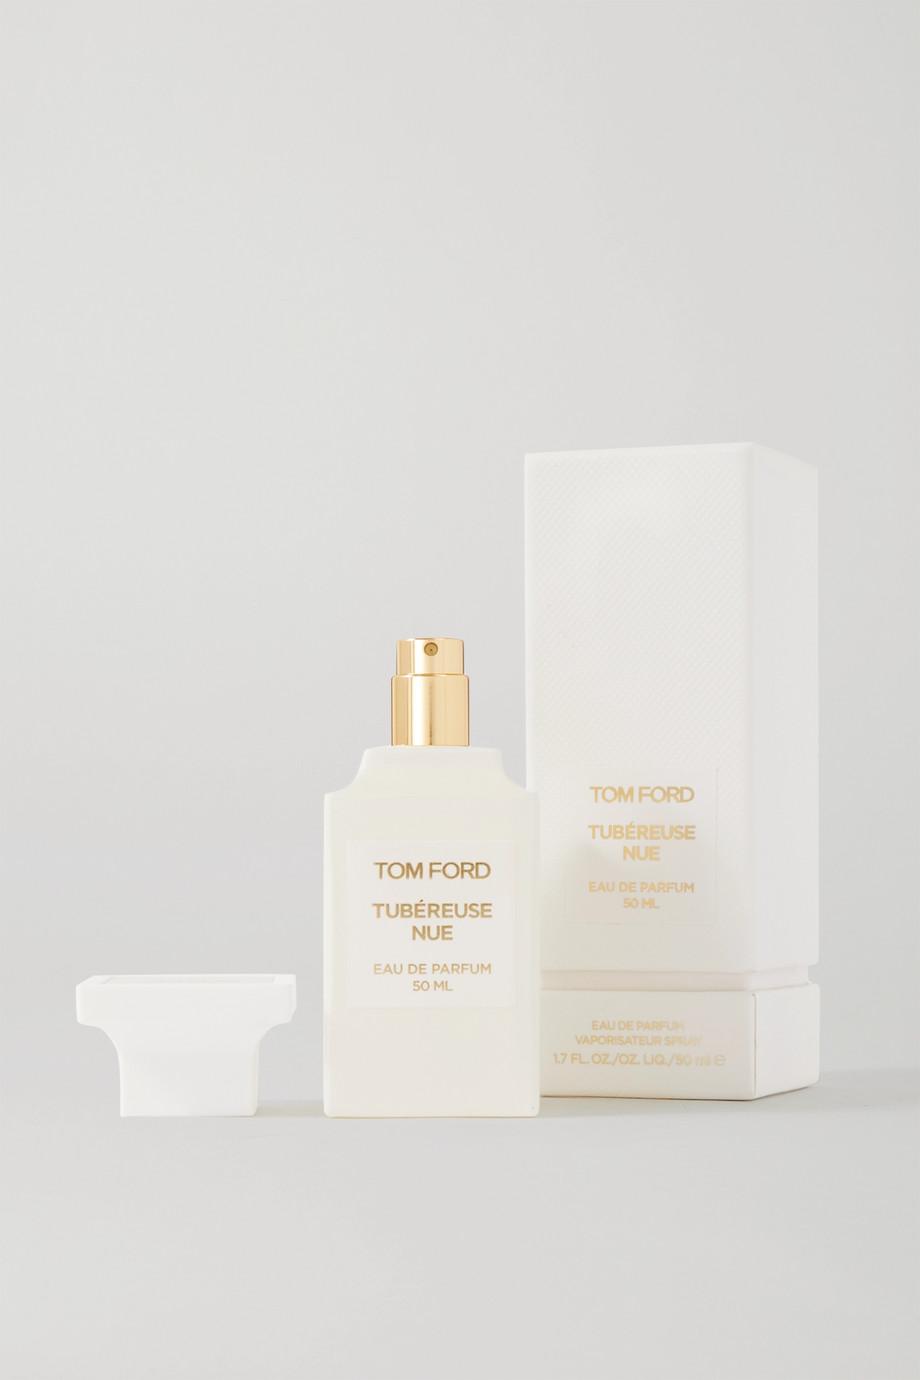 TOM FORD BEAUTY Eau de parfum Tubéreuse Nue, 50 ml